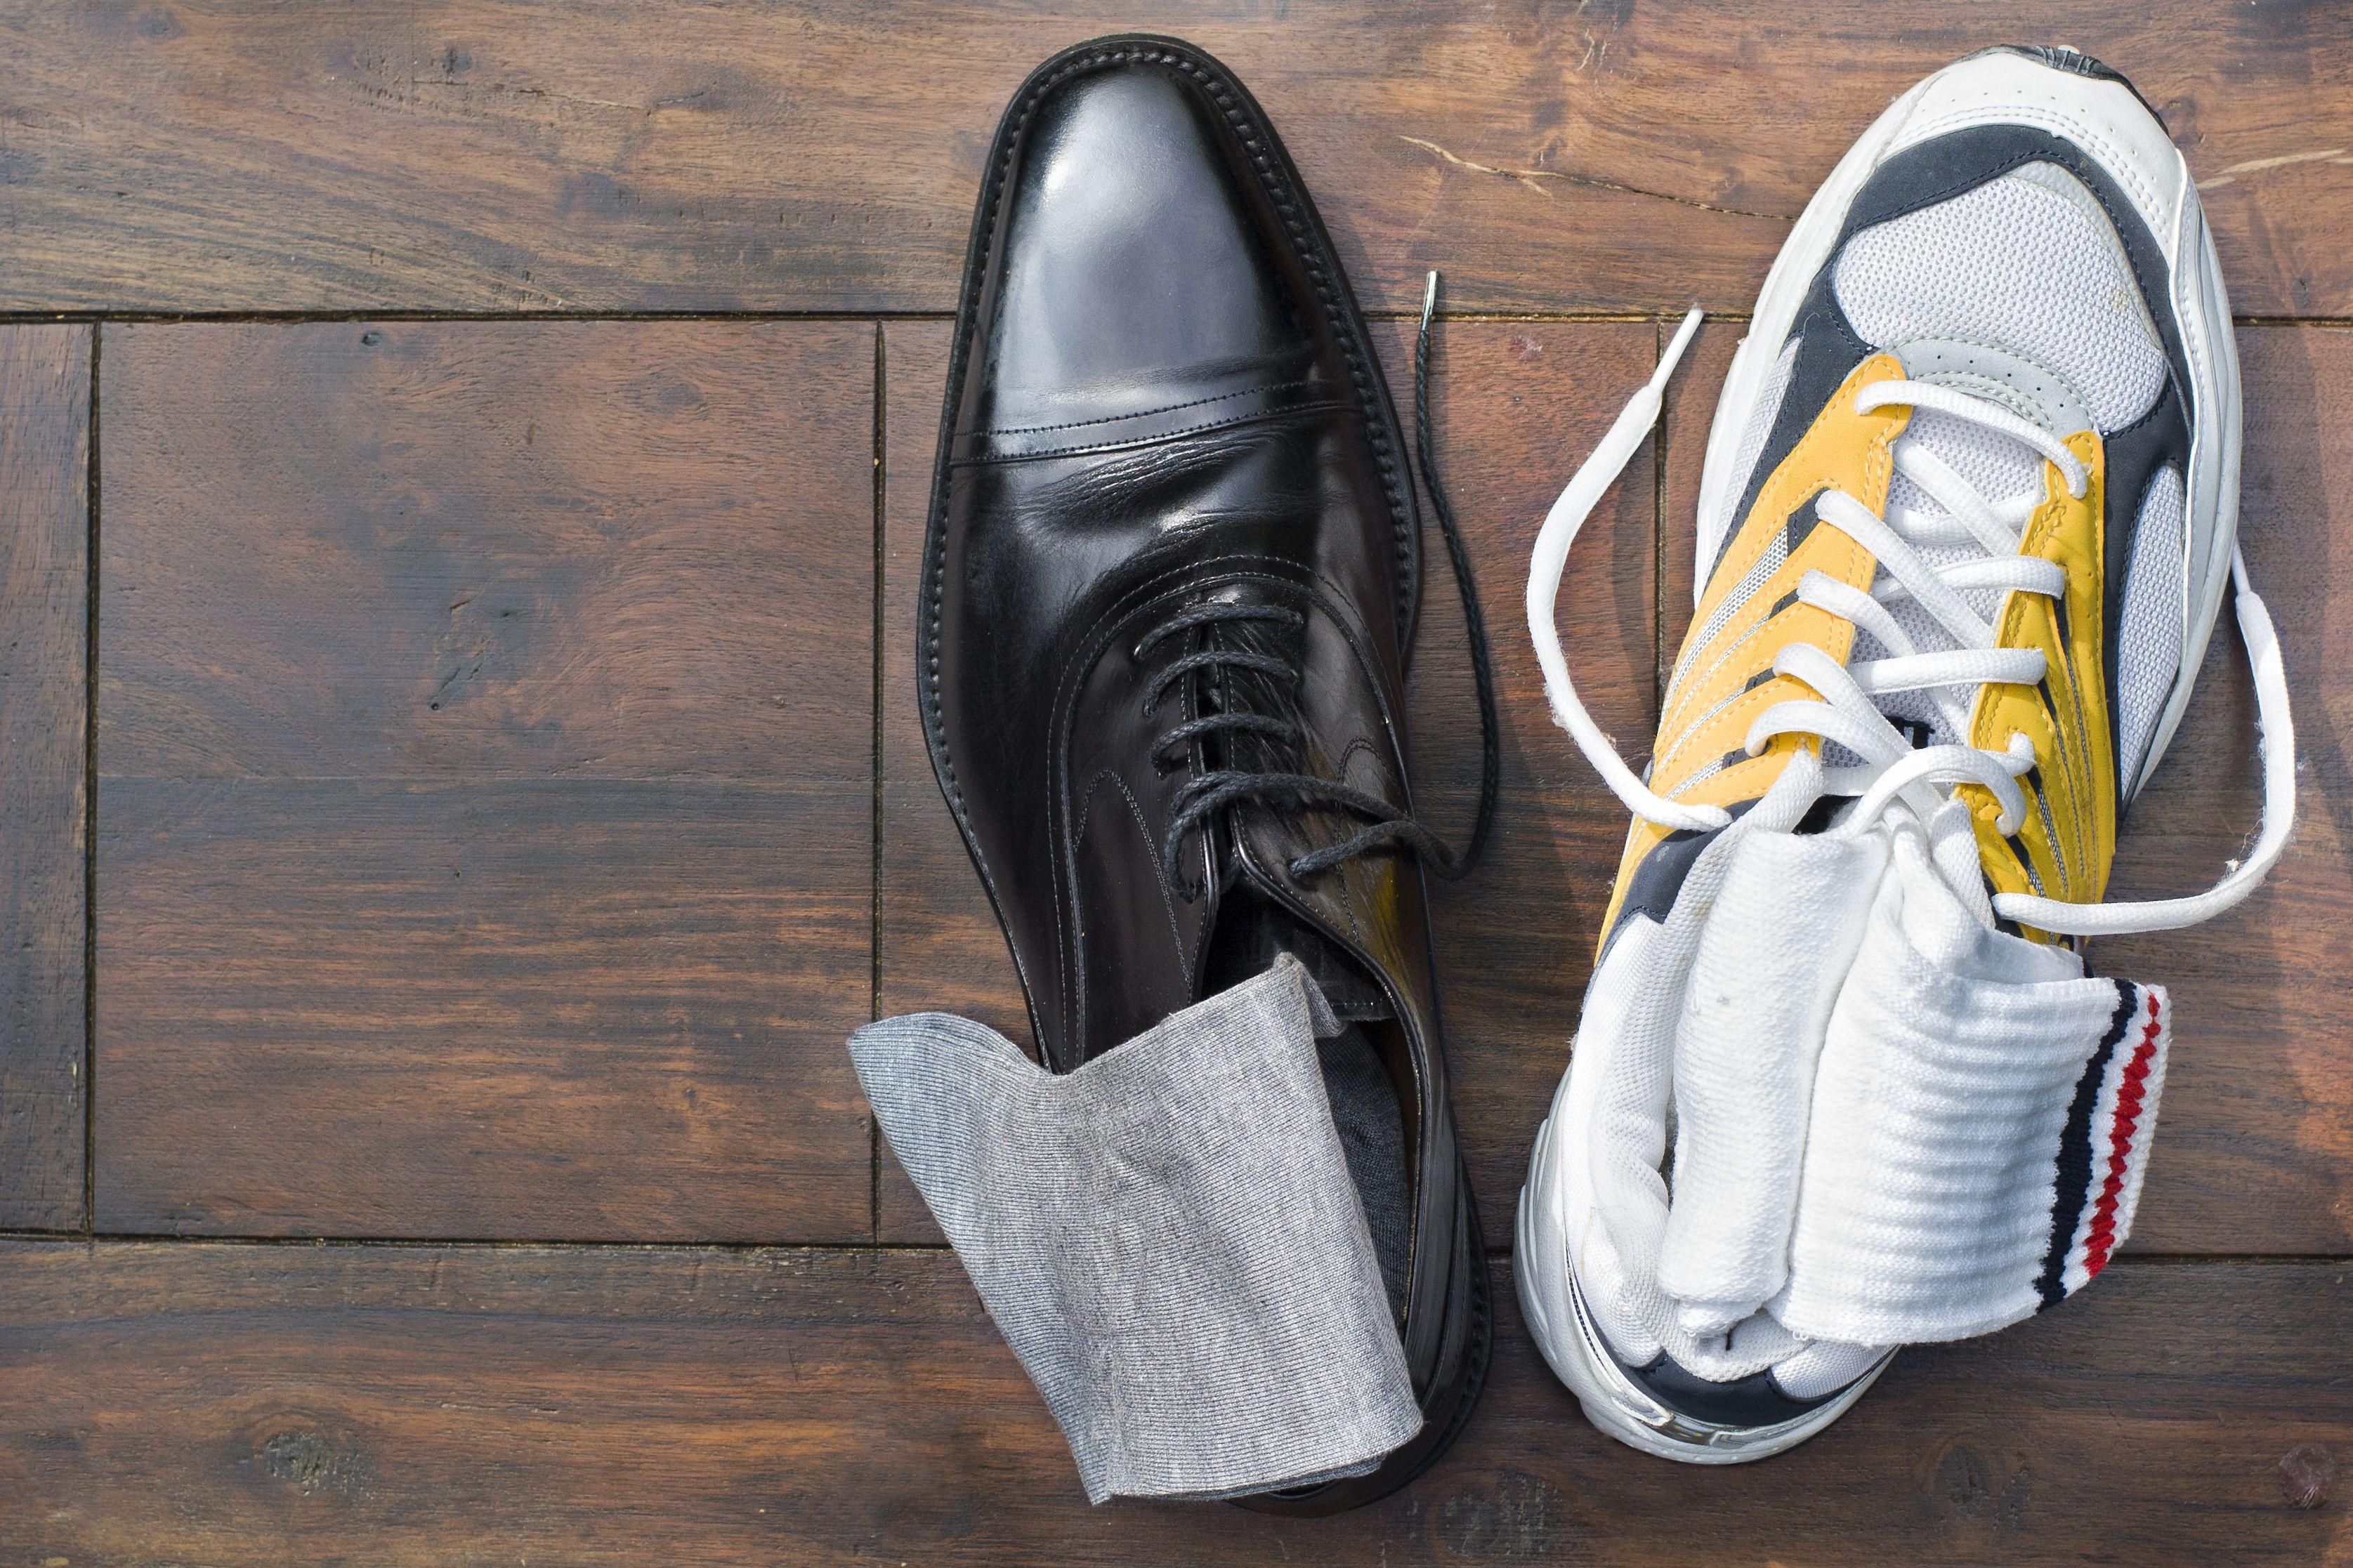 elegáns férficipő és sportcipő